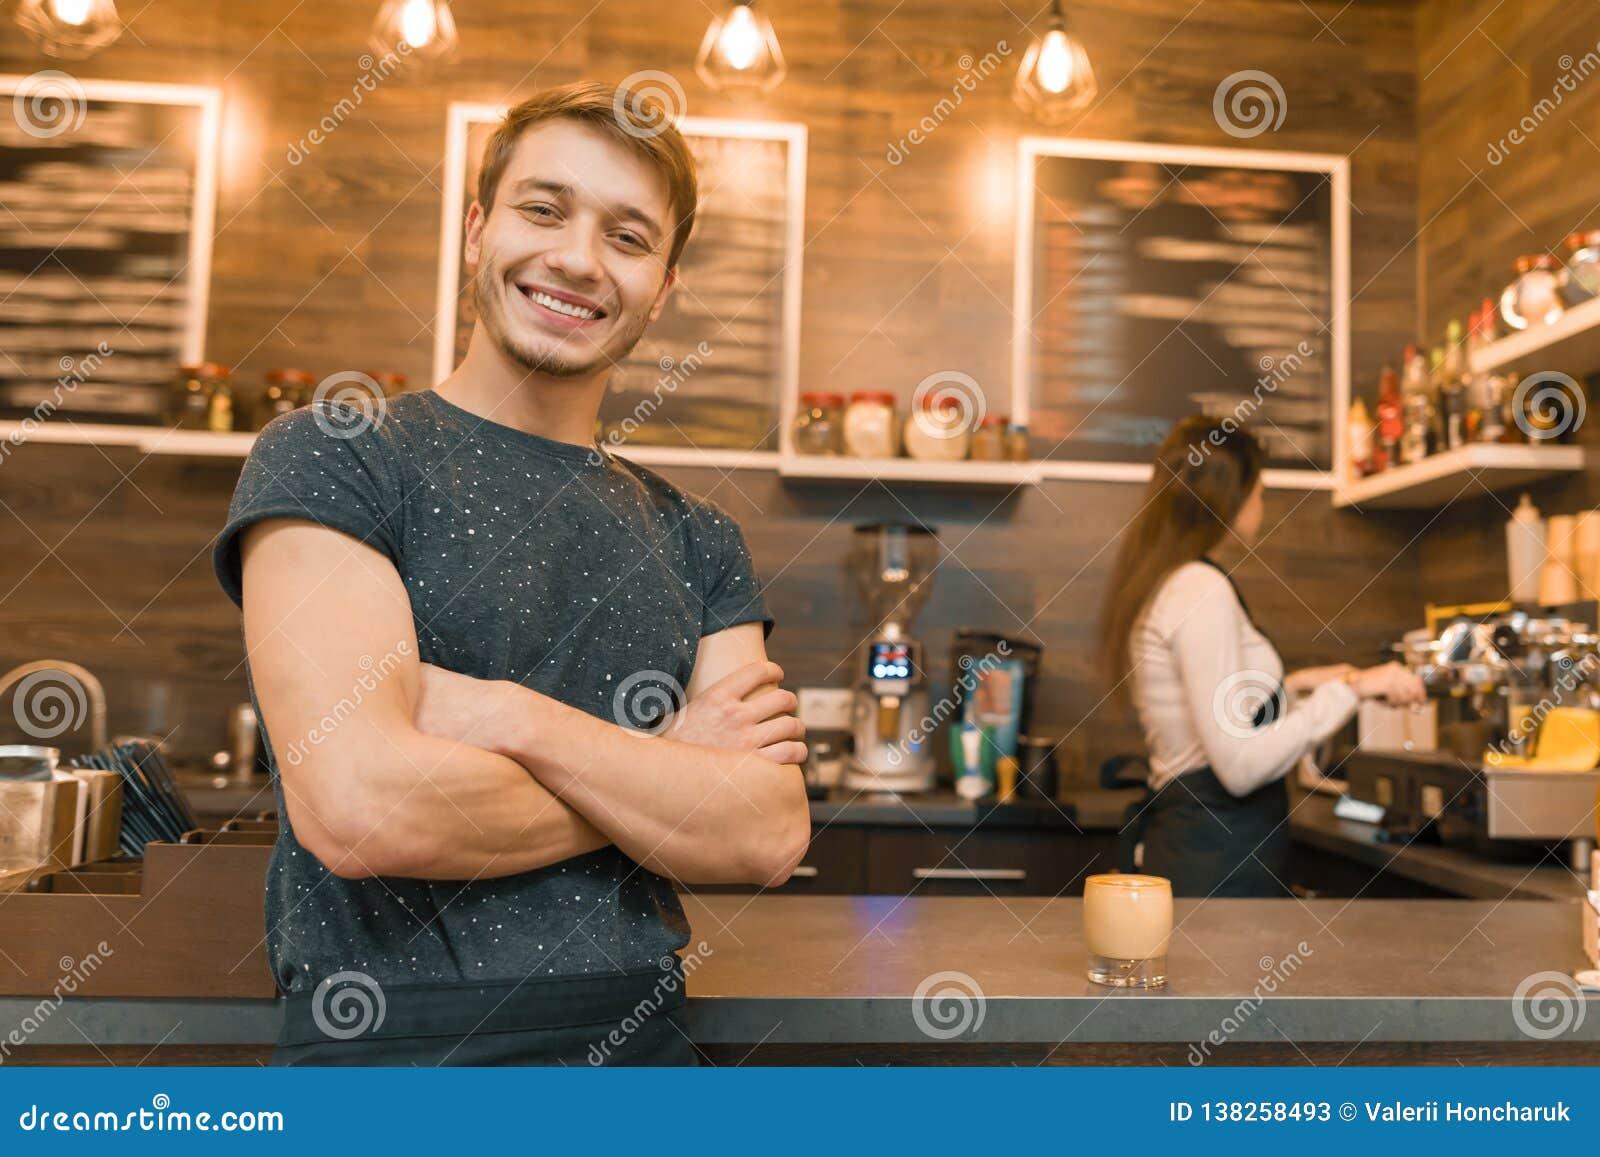 Trabalhador masculino novo da cafetaria do barista que sorri olhando a câmera com os braços dobrados cruzados perto do contador d